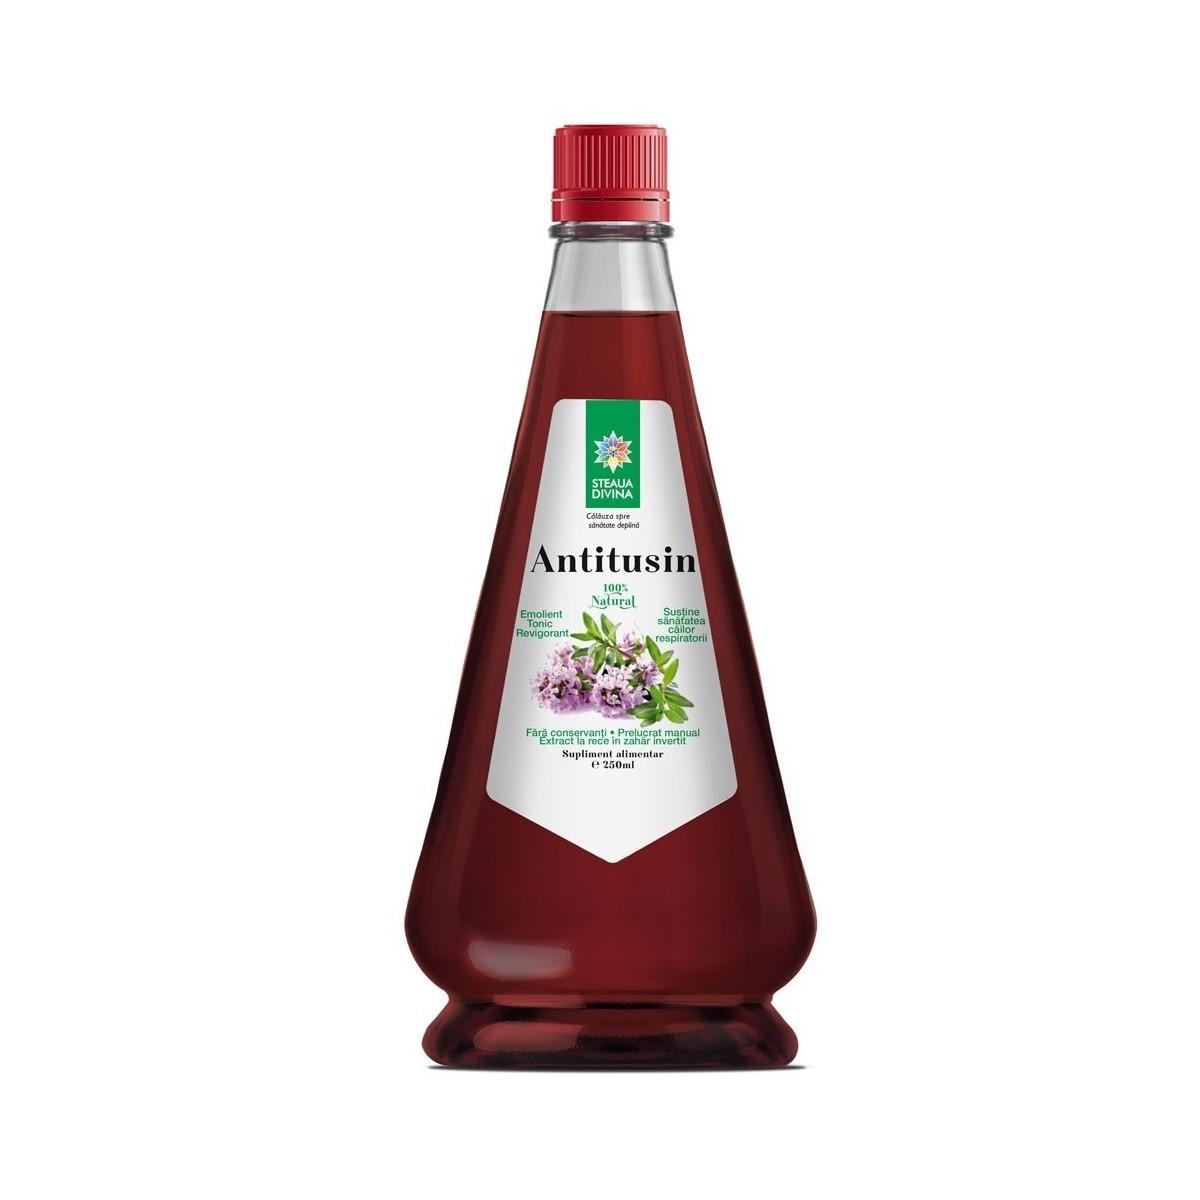 Sirop Antitusin, 250 ml, Steaua Divină